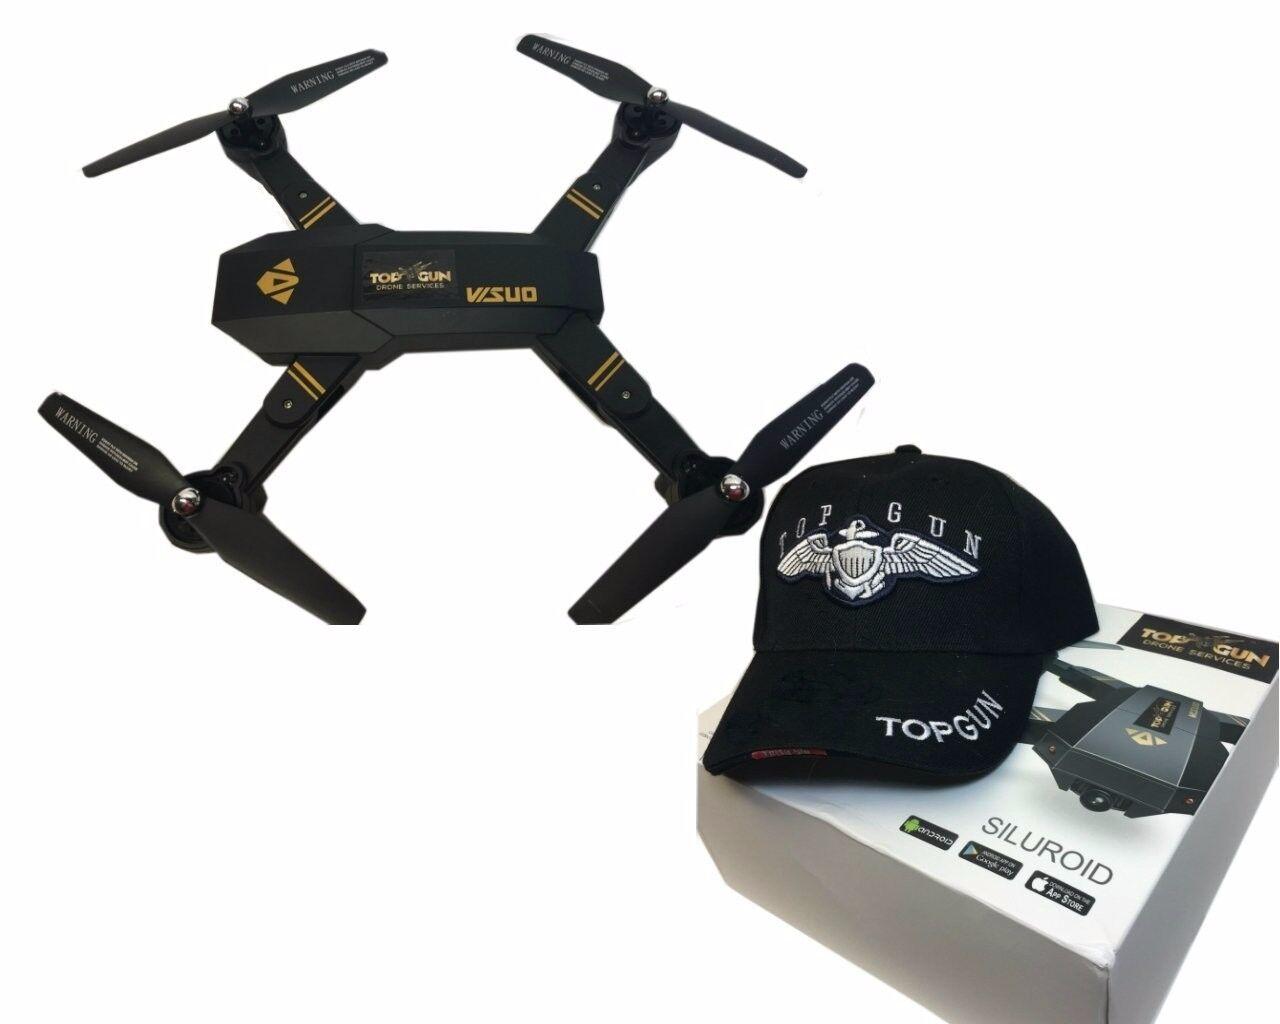 Top Gun cuadricóptero RC Drone con Cámara HD ángulo Ancho y Plegable aerofoils..